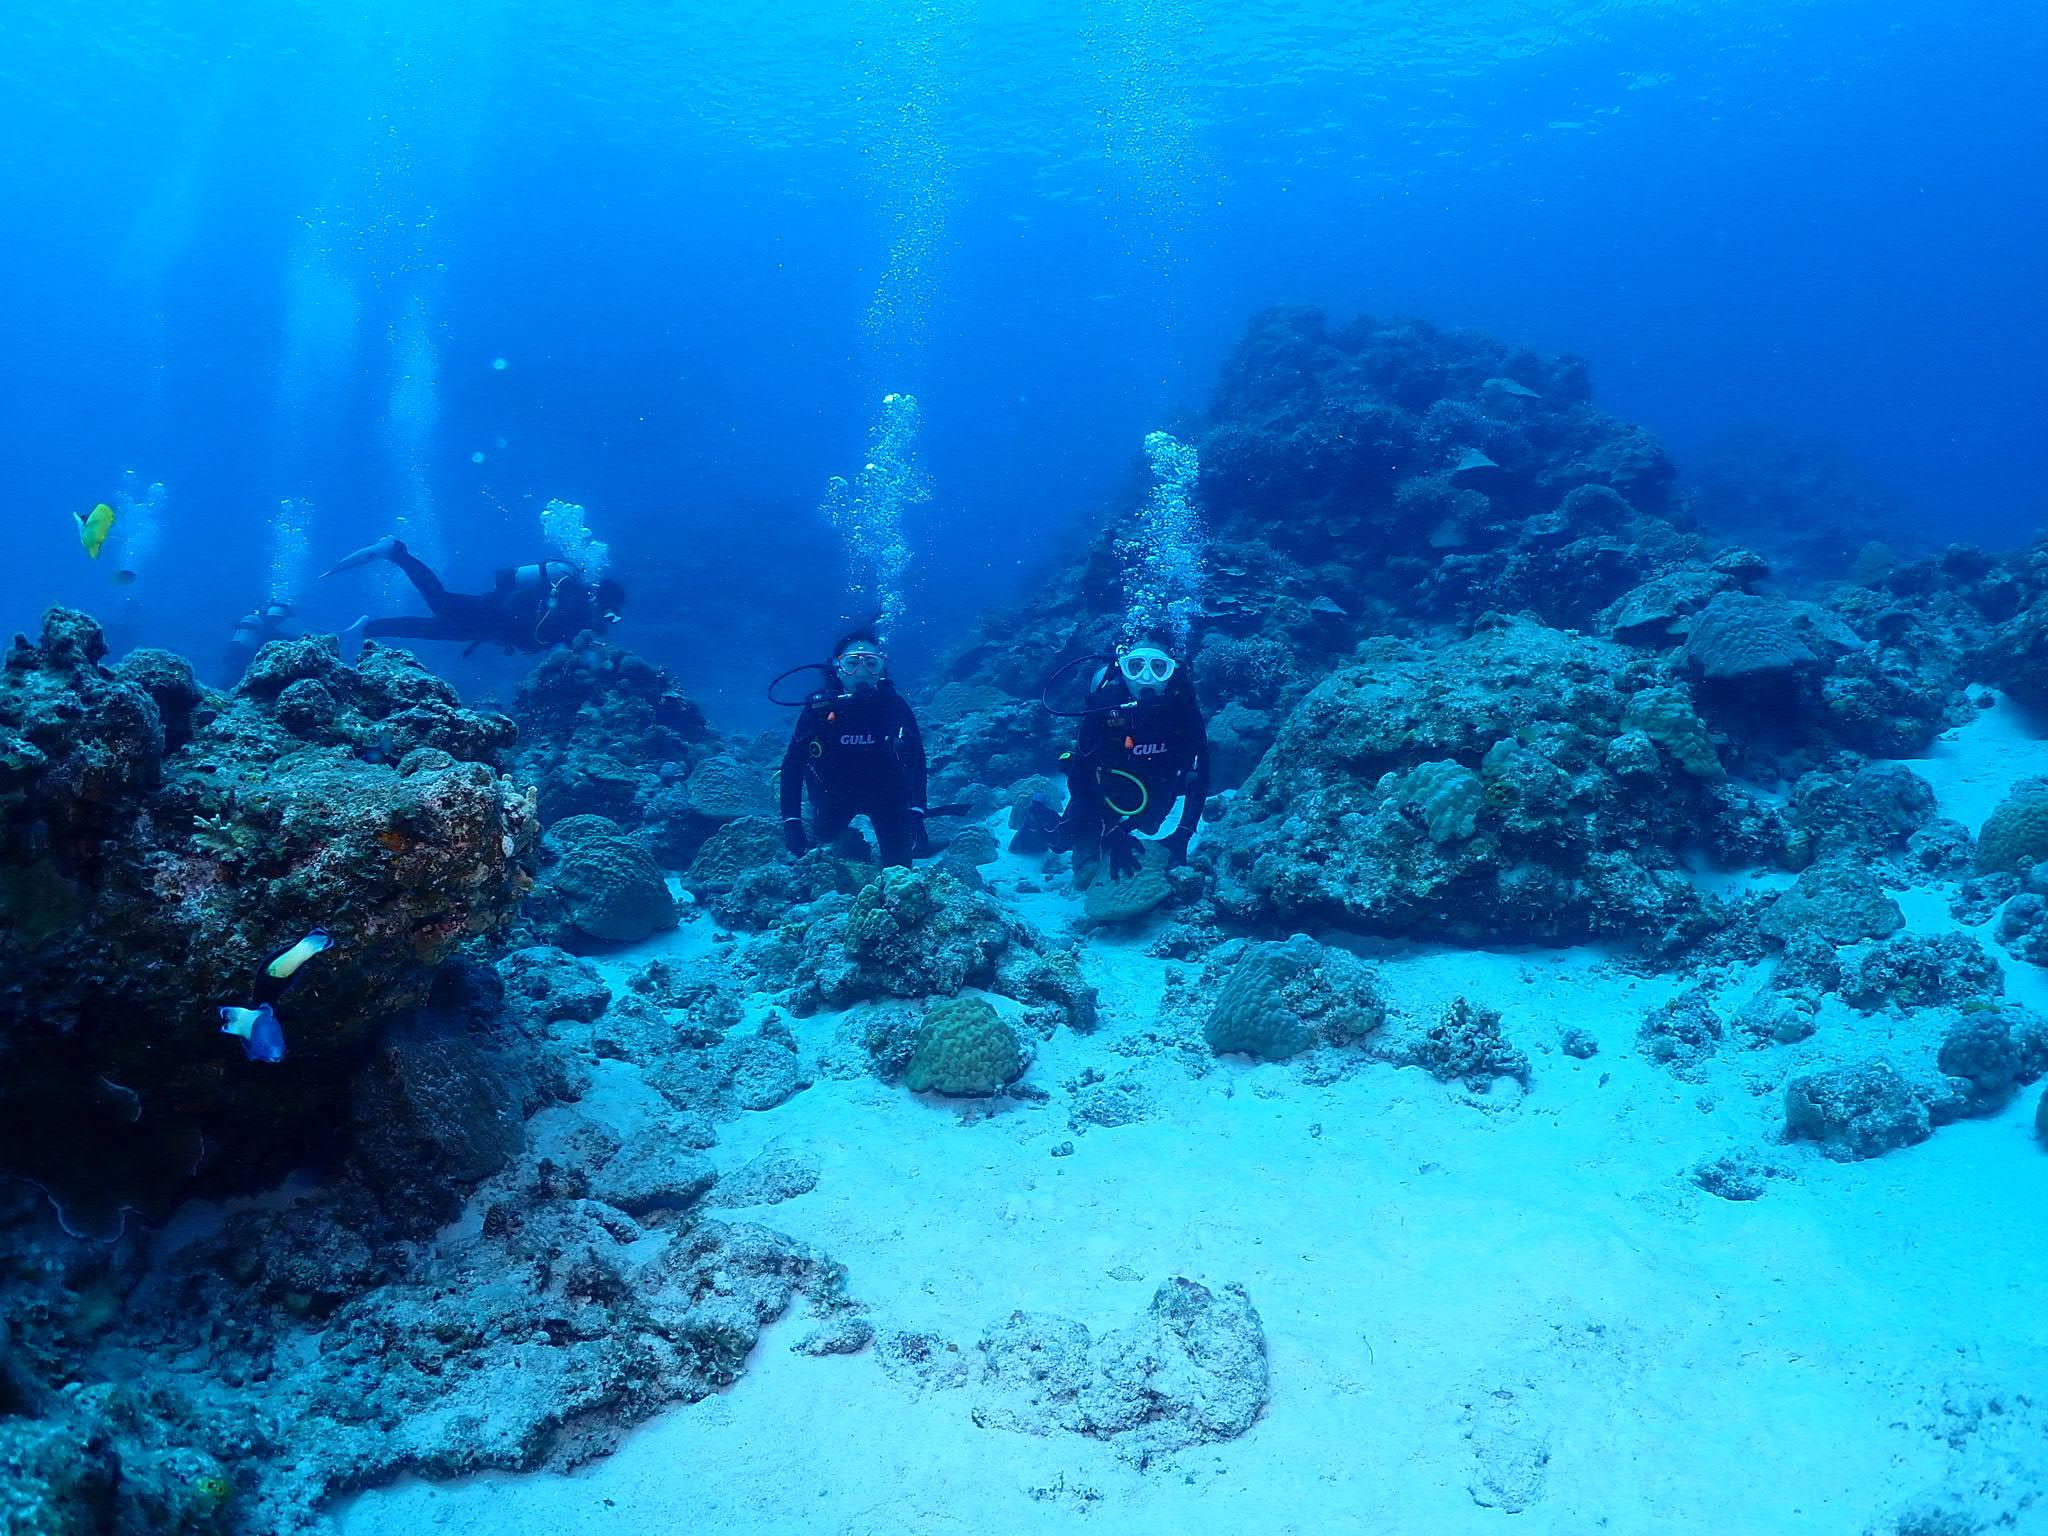 座間味島7番崎でのダイビング